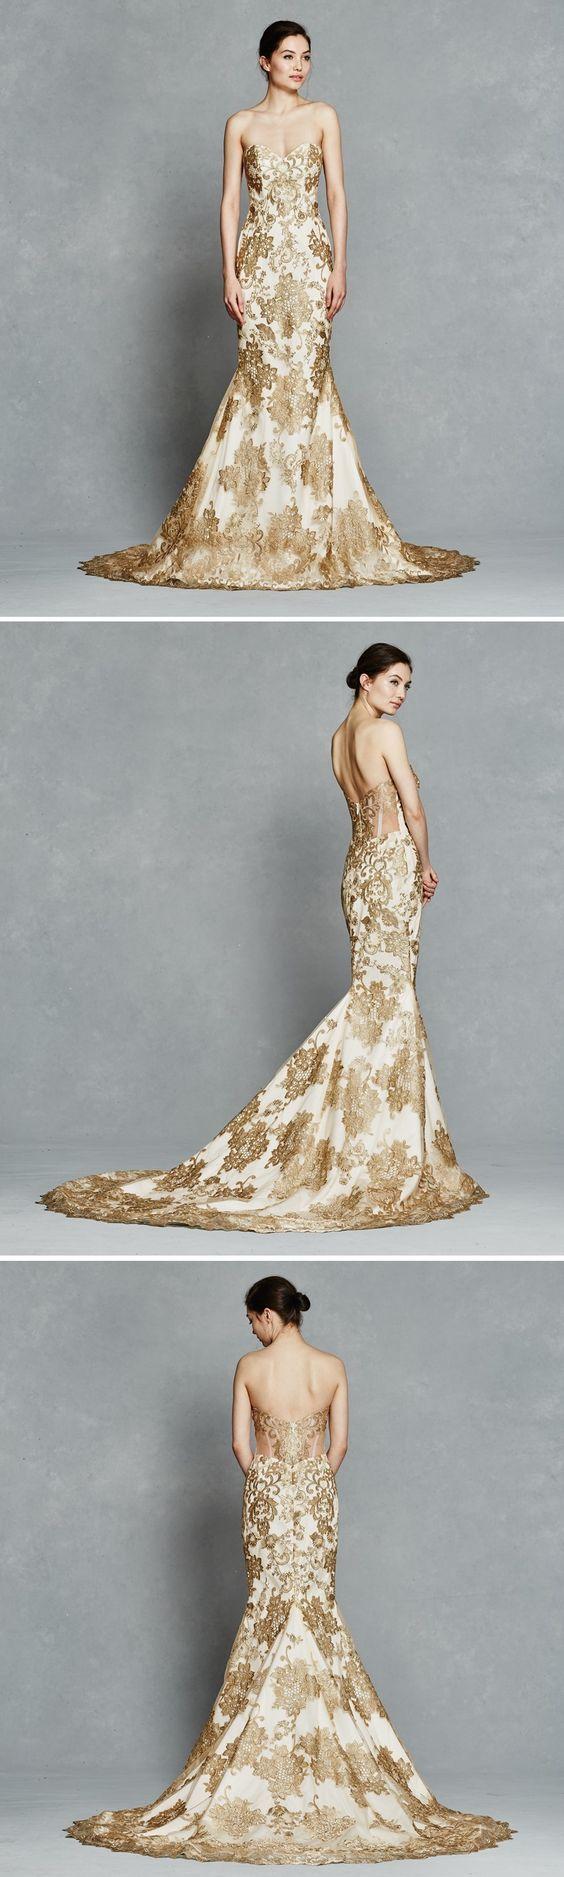 Gwendelyn wedding plans pinterest gold weddings wedding dress